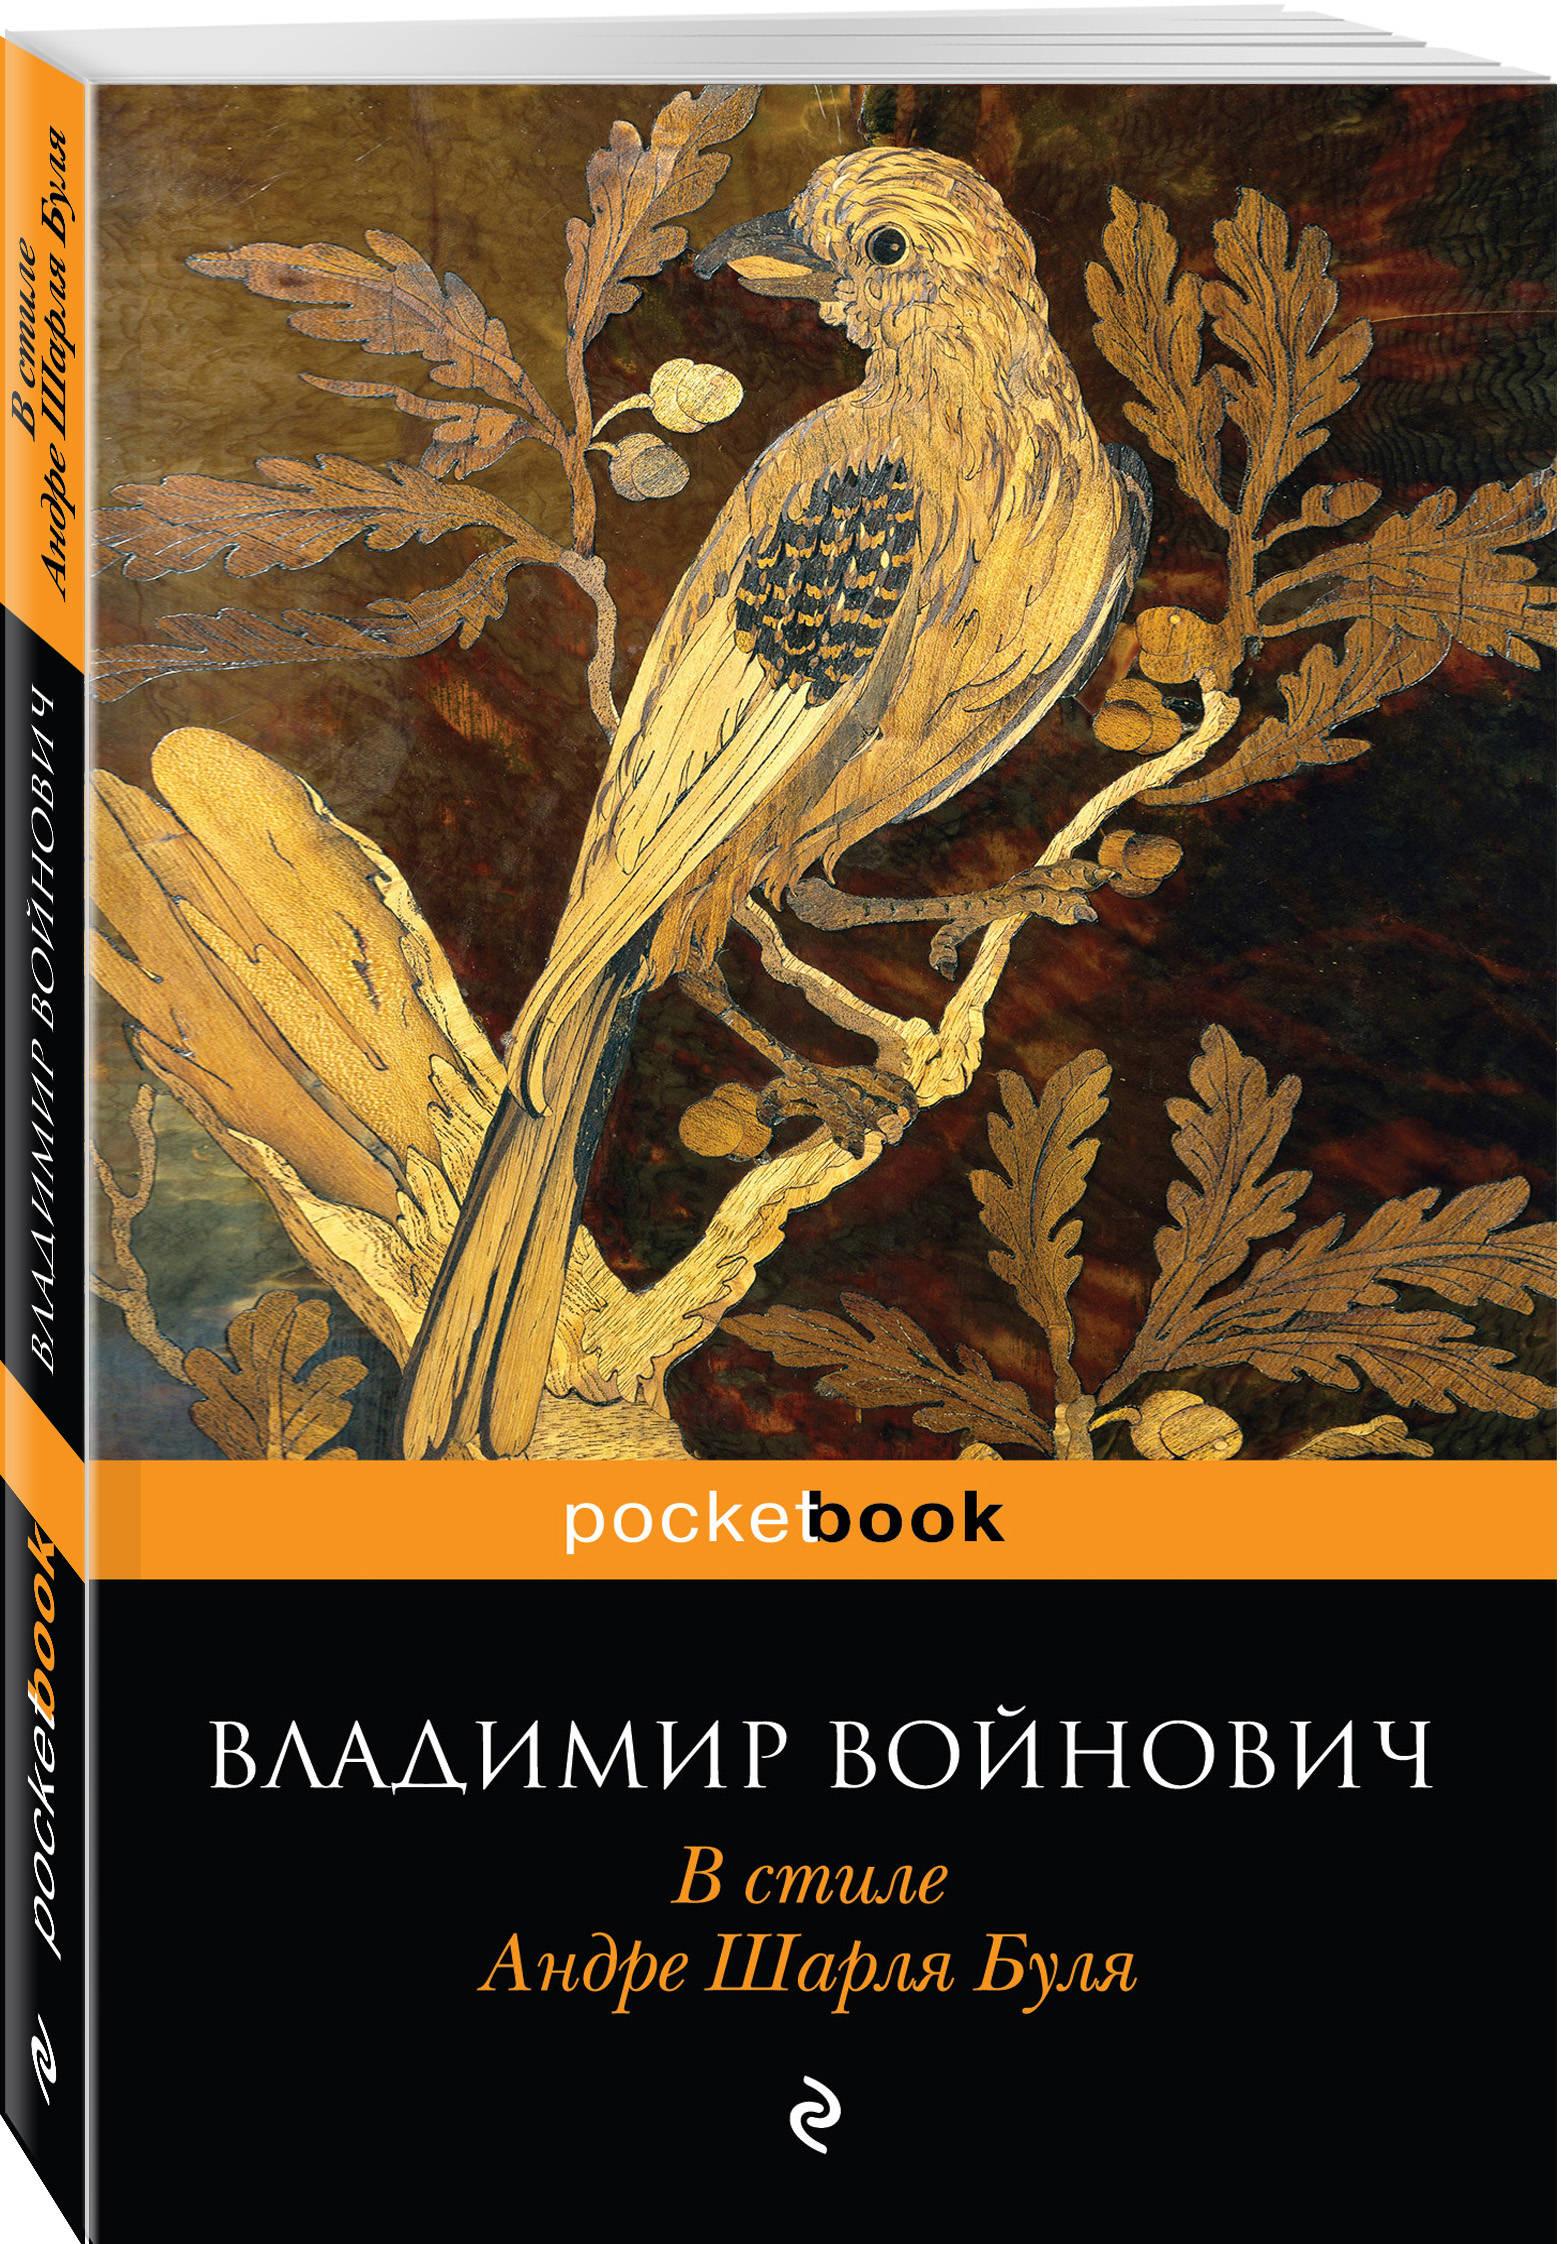 Войнович Владимир Николаевич В стиле Андре Шарля Буля